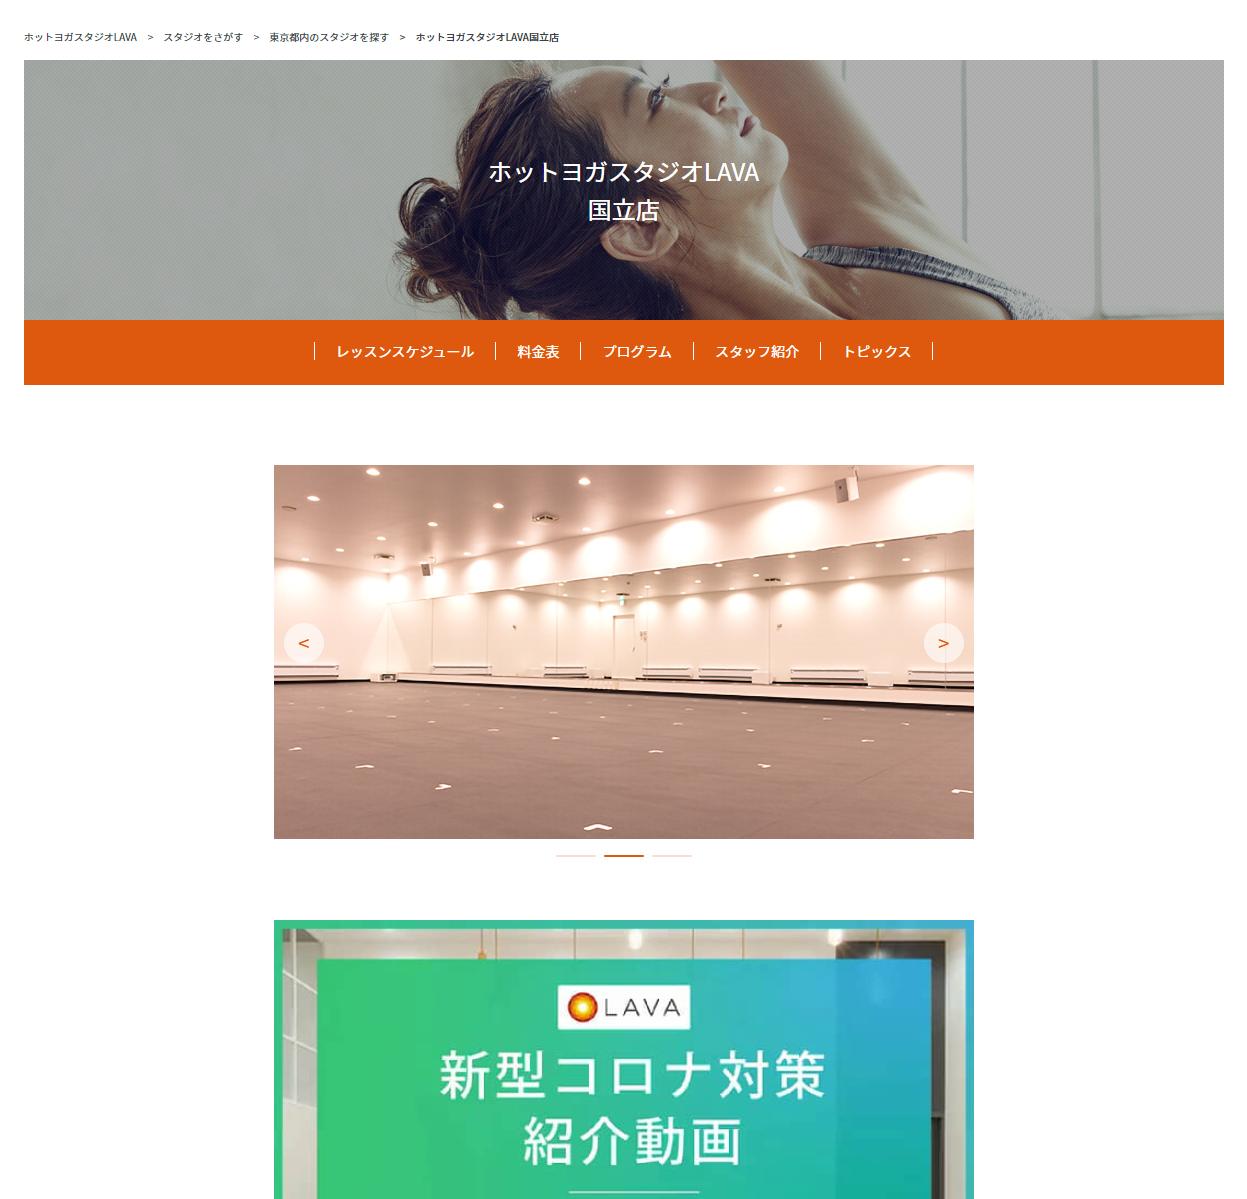 """<span class=""""title"""">12ホットヨガスタジオLAVA国立店の口コミや評判</span>"""